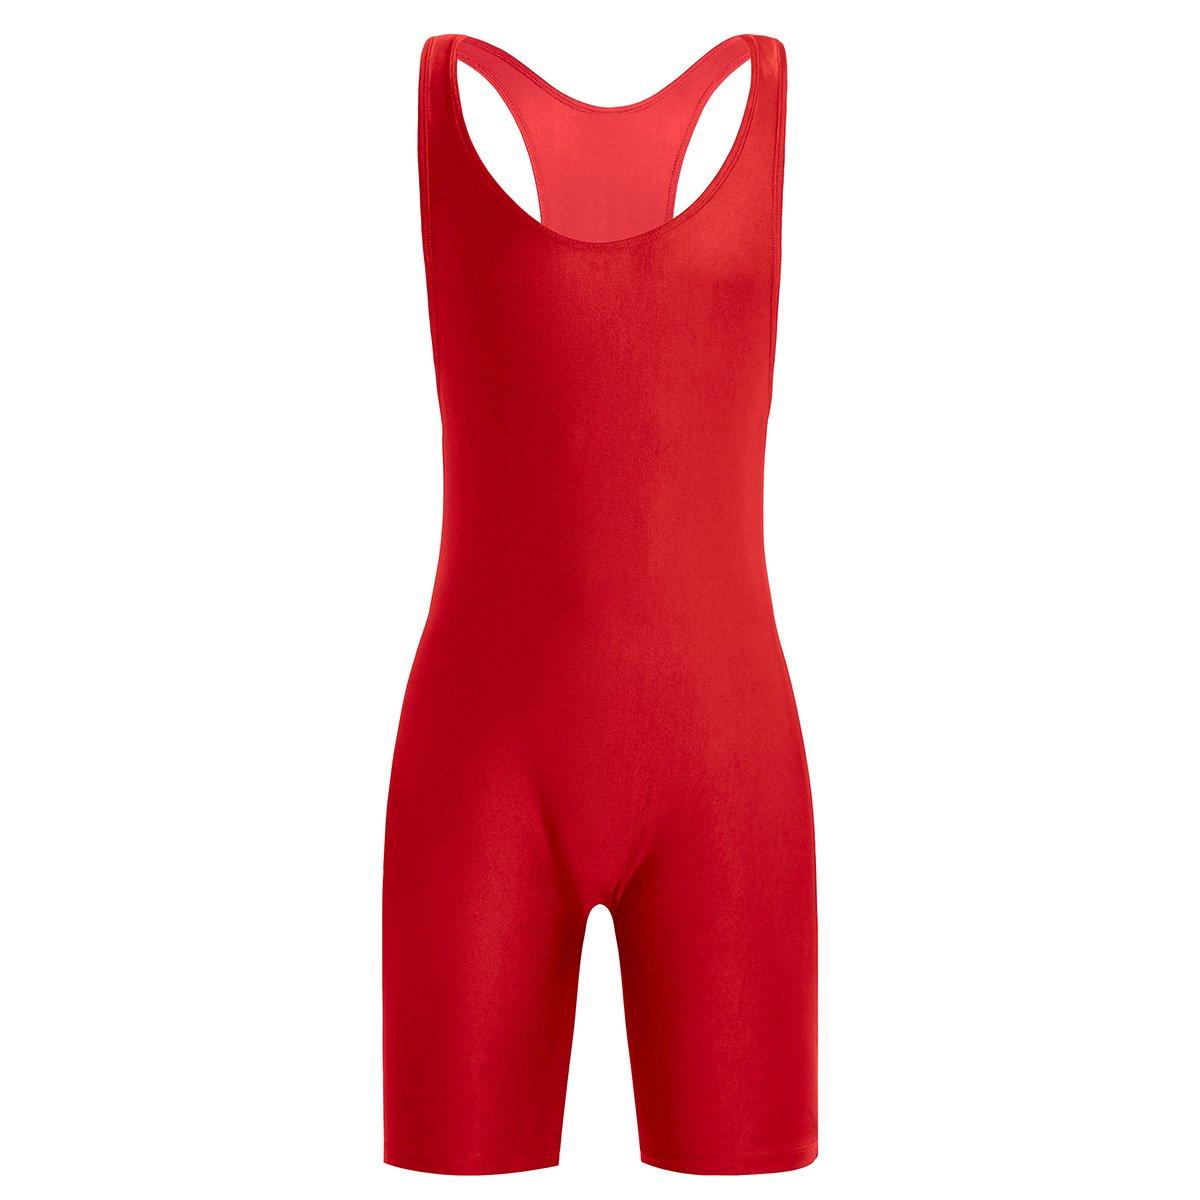 FEESHOW Men's Wrestling Singlet One Piece Sport Bodysuit Leotard Gym Outfit Underwear Red Medium